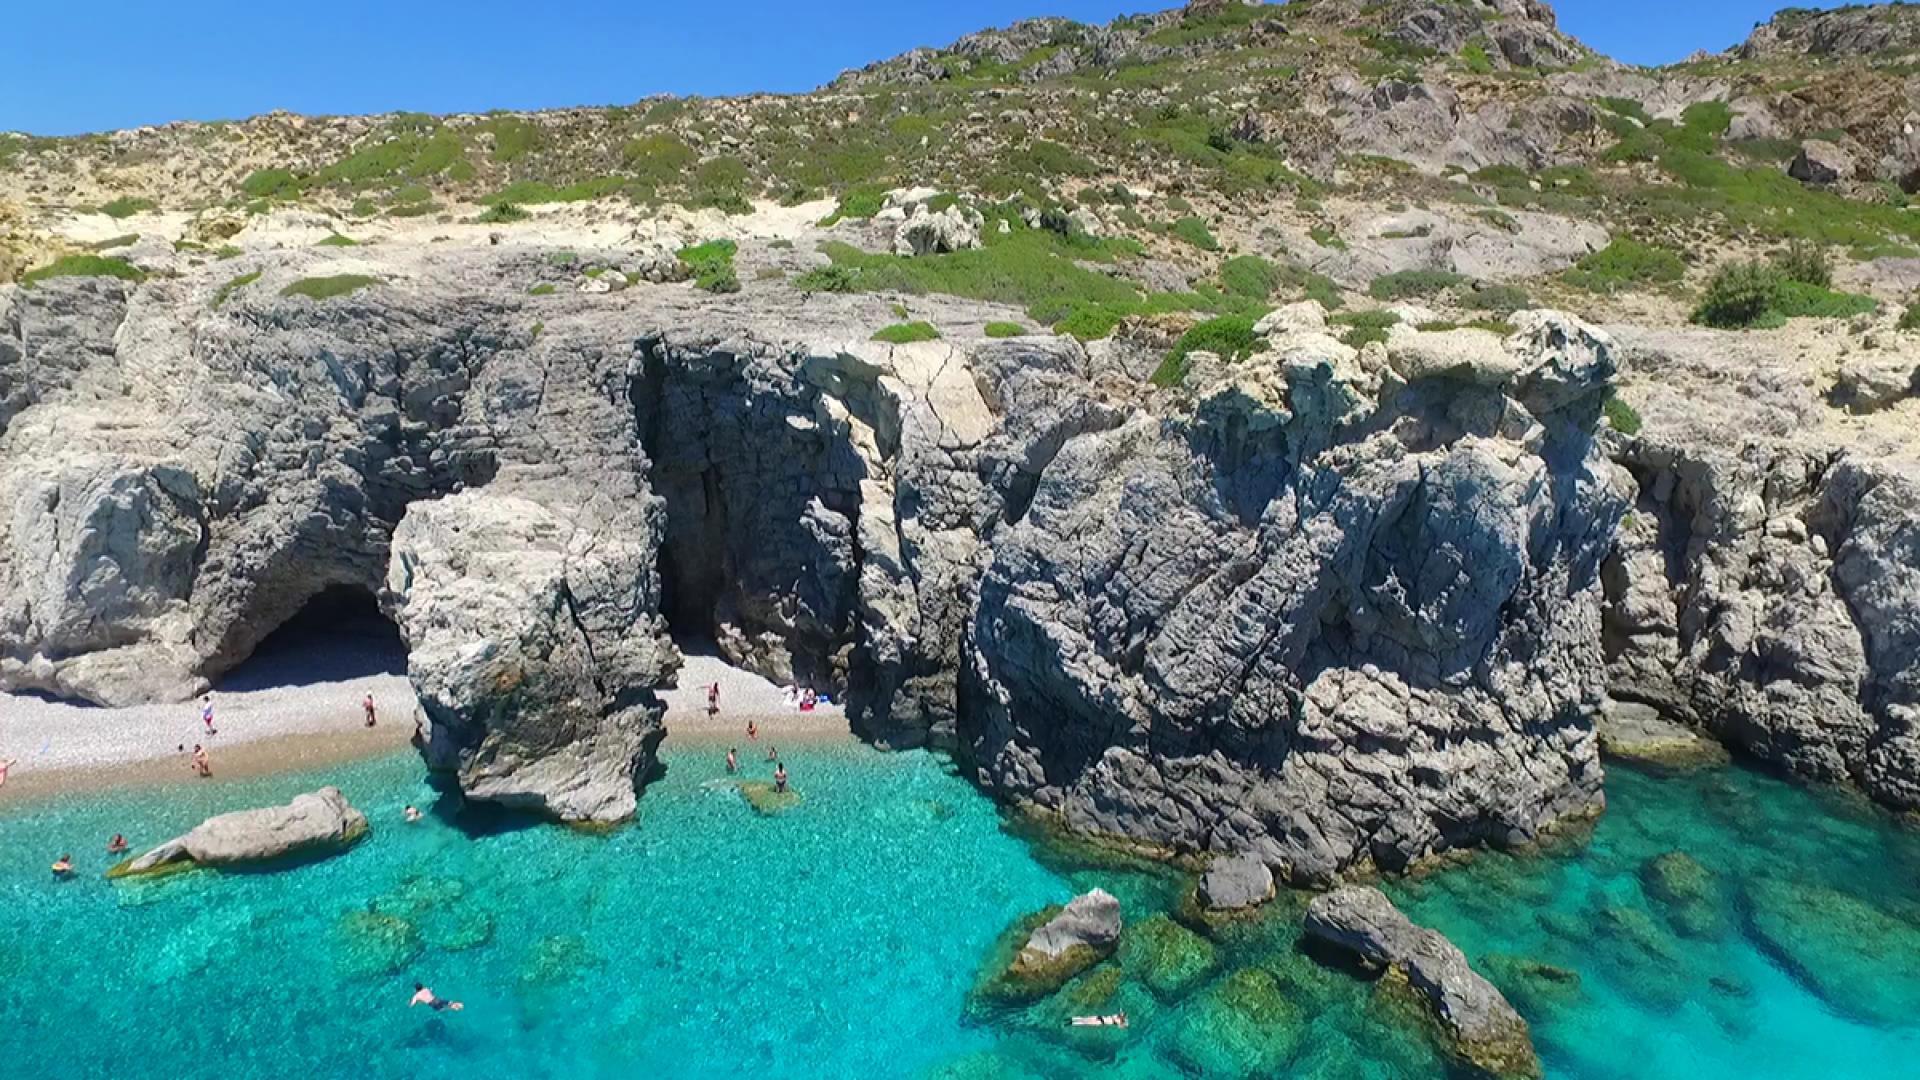 Κρουαζιέρα στην παραλία του Anthony Quinn, στη παραλία της Καλλιθέας και στις σπηλιές Τραγανού